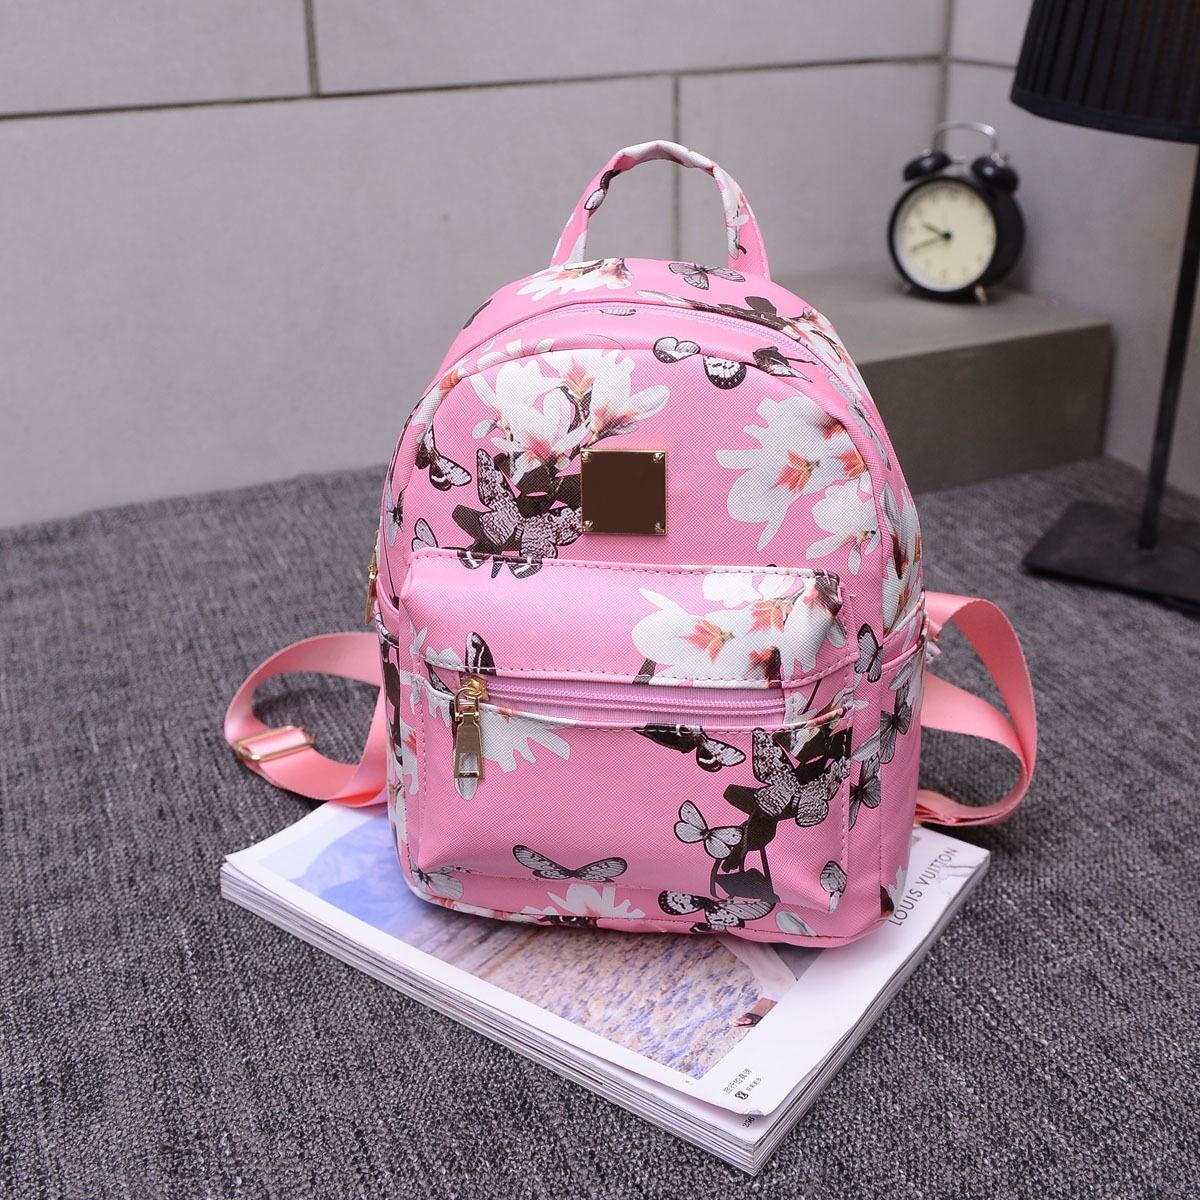 Meihuid розовый disney disney школьной зрачки девушка 3 4 6 сортов отдыха и путешествия плеча сумка 0168 розовых детского рюкзак